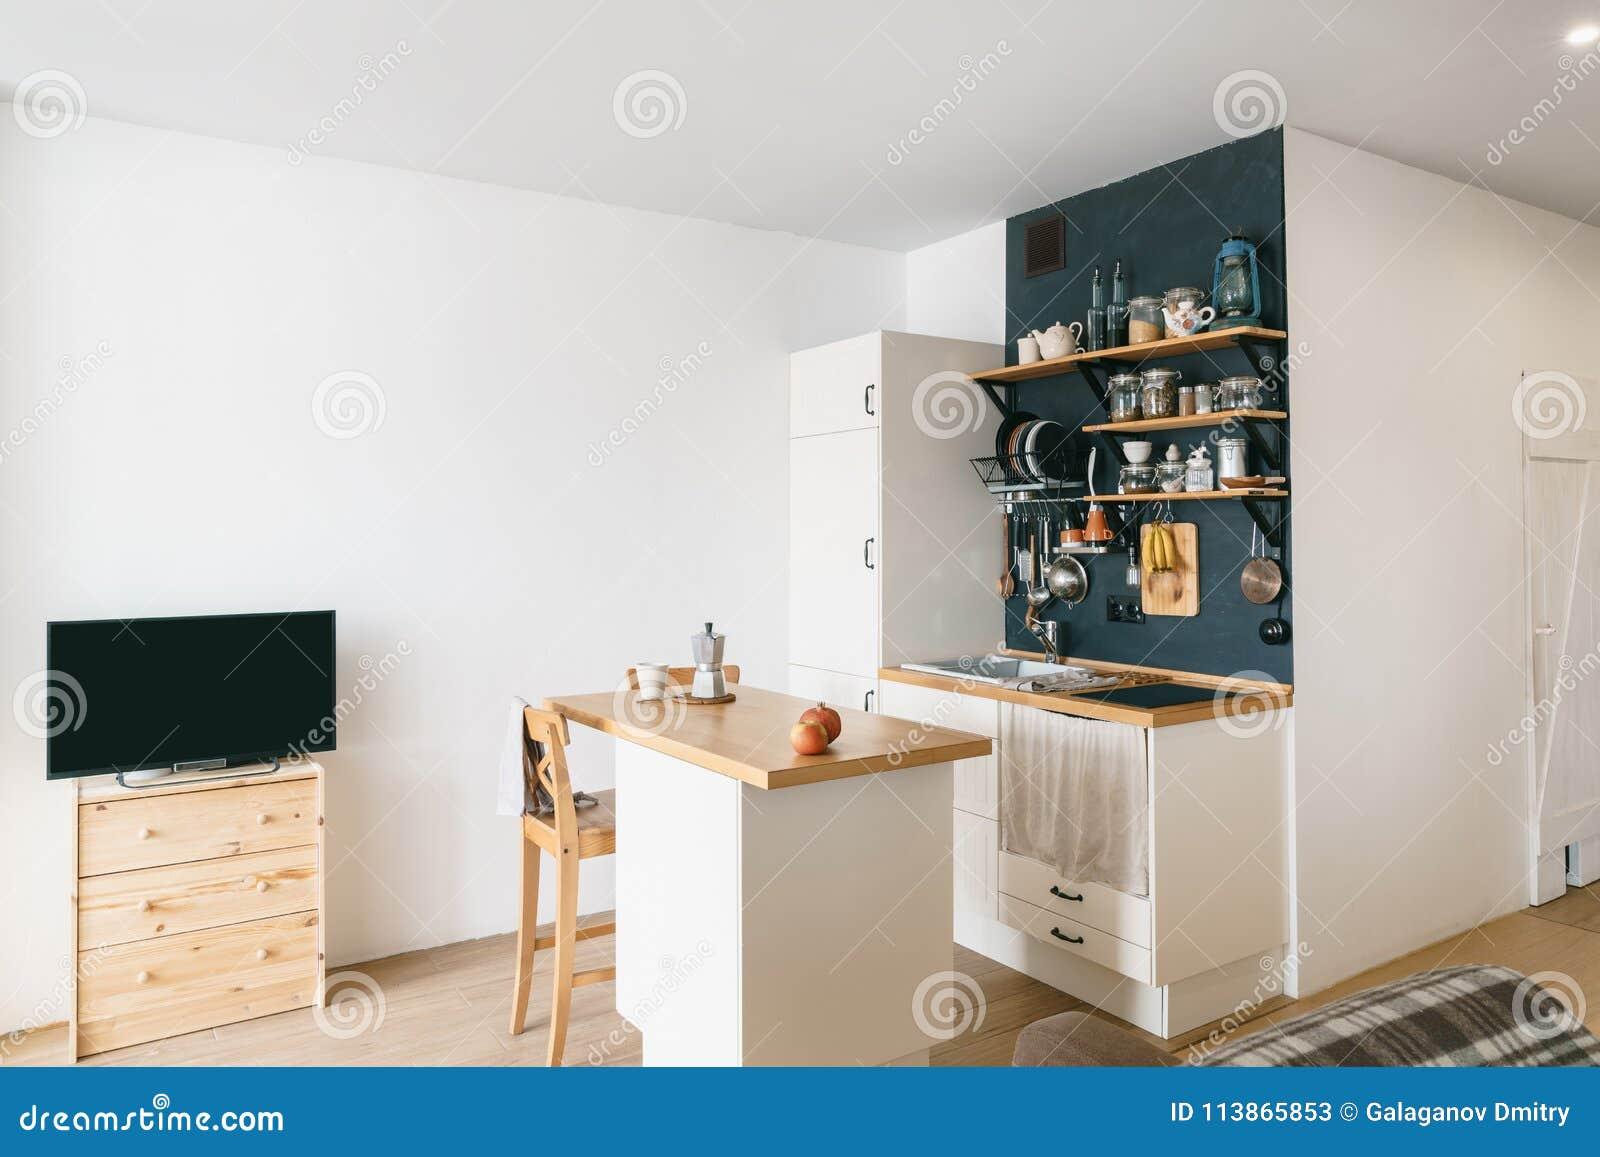 Parete Di Lavagna In Cucina : Tavolo social e parete di lavagna foto di freetto zona appia